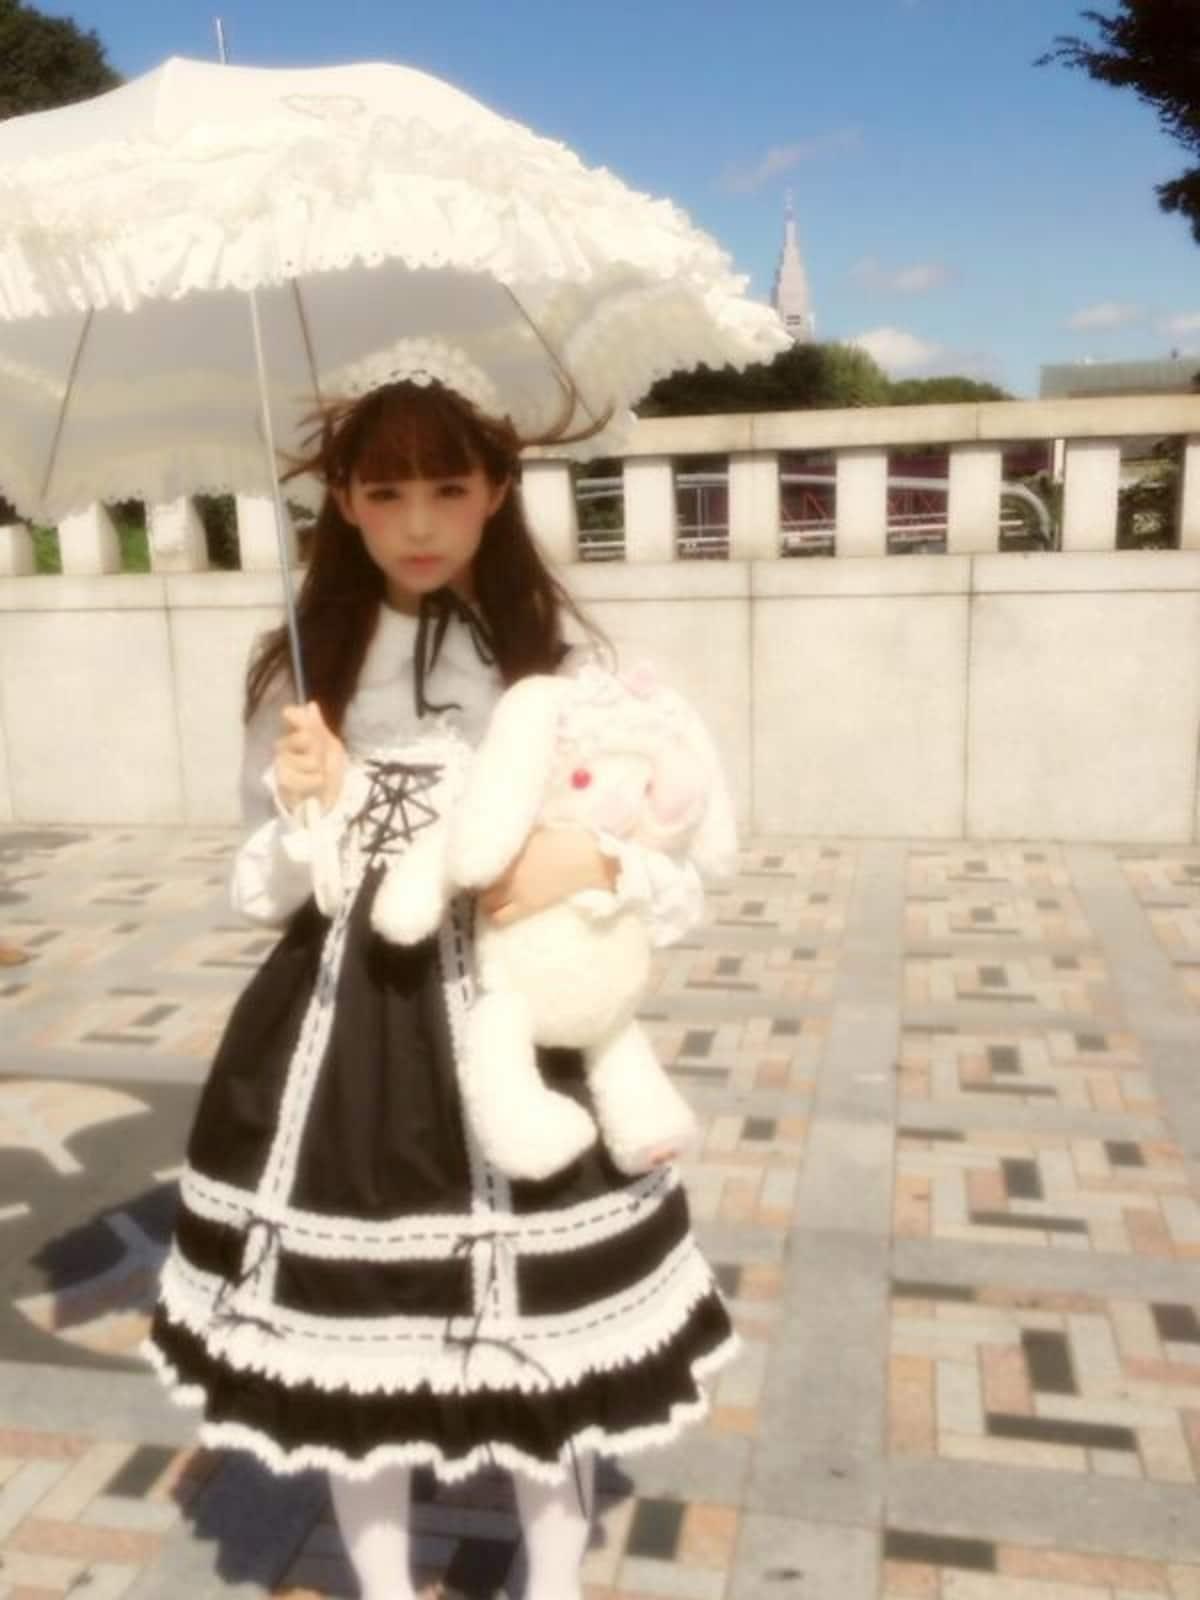 6. Gothic Lolita